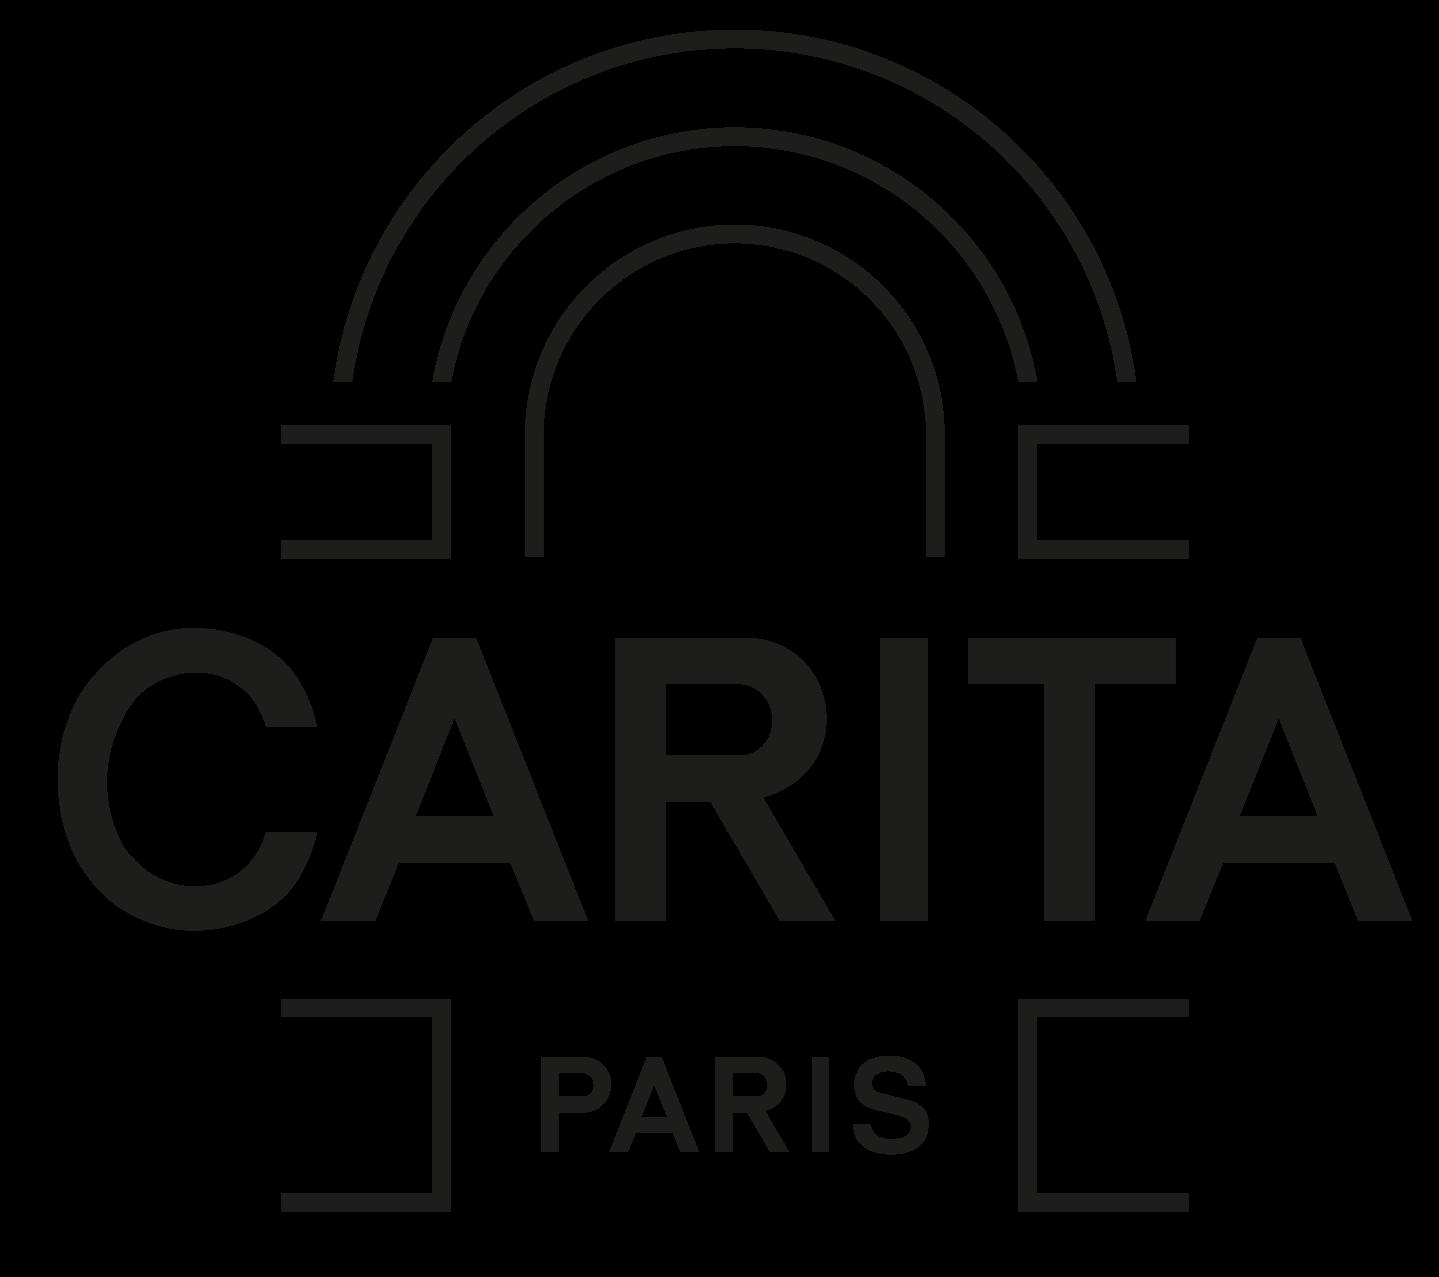 كاريتا Carita